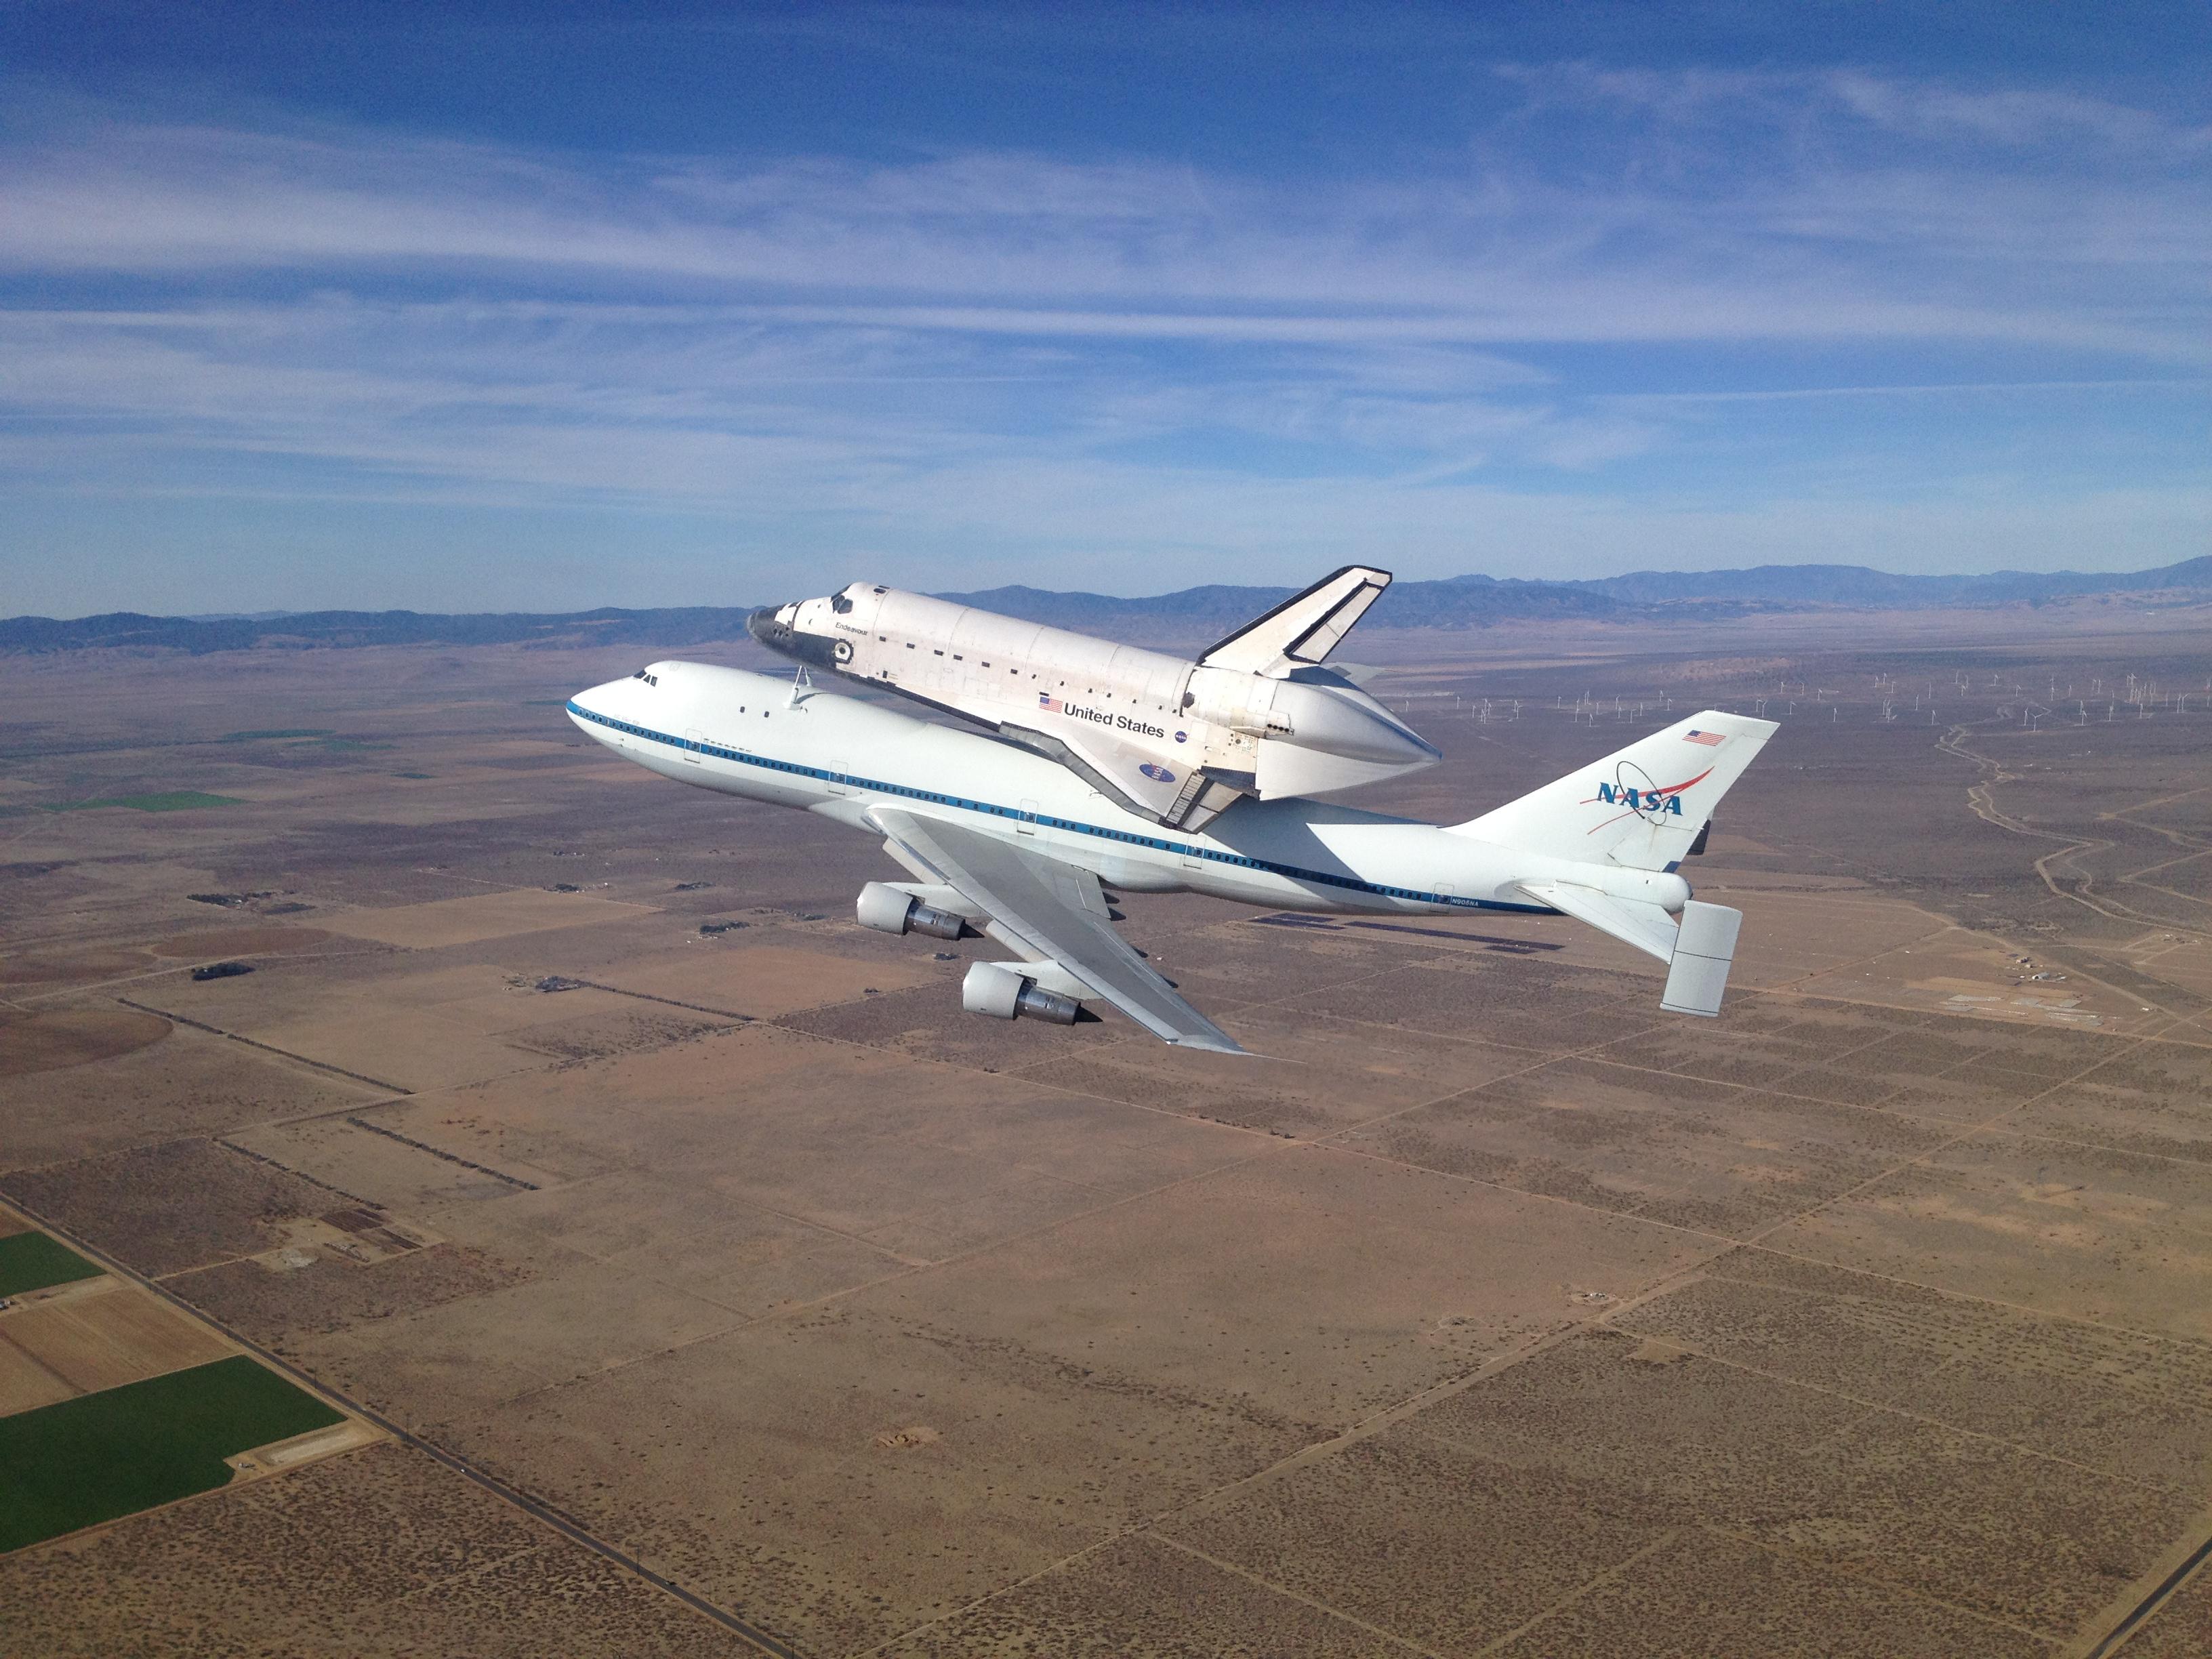 endeavour final flight nasa - photo #6